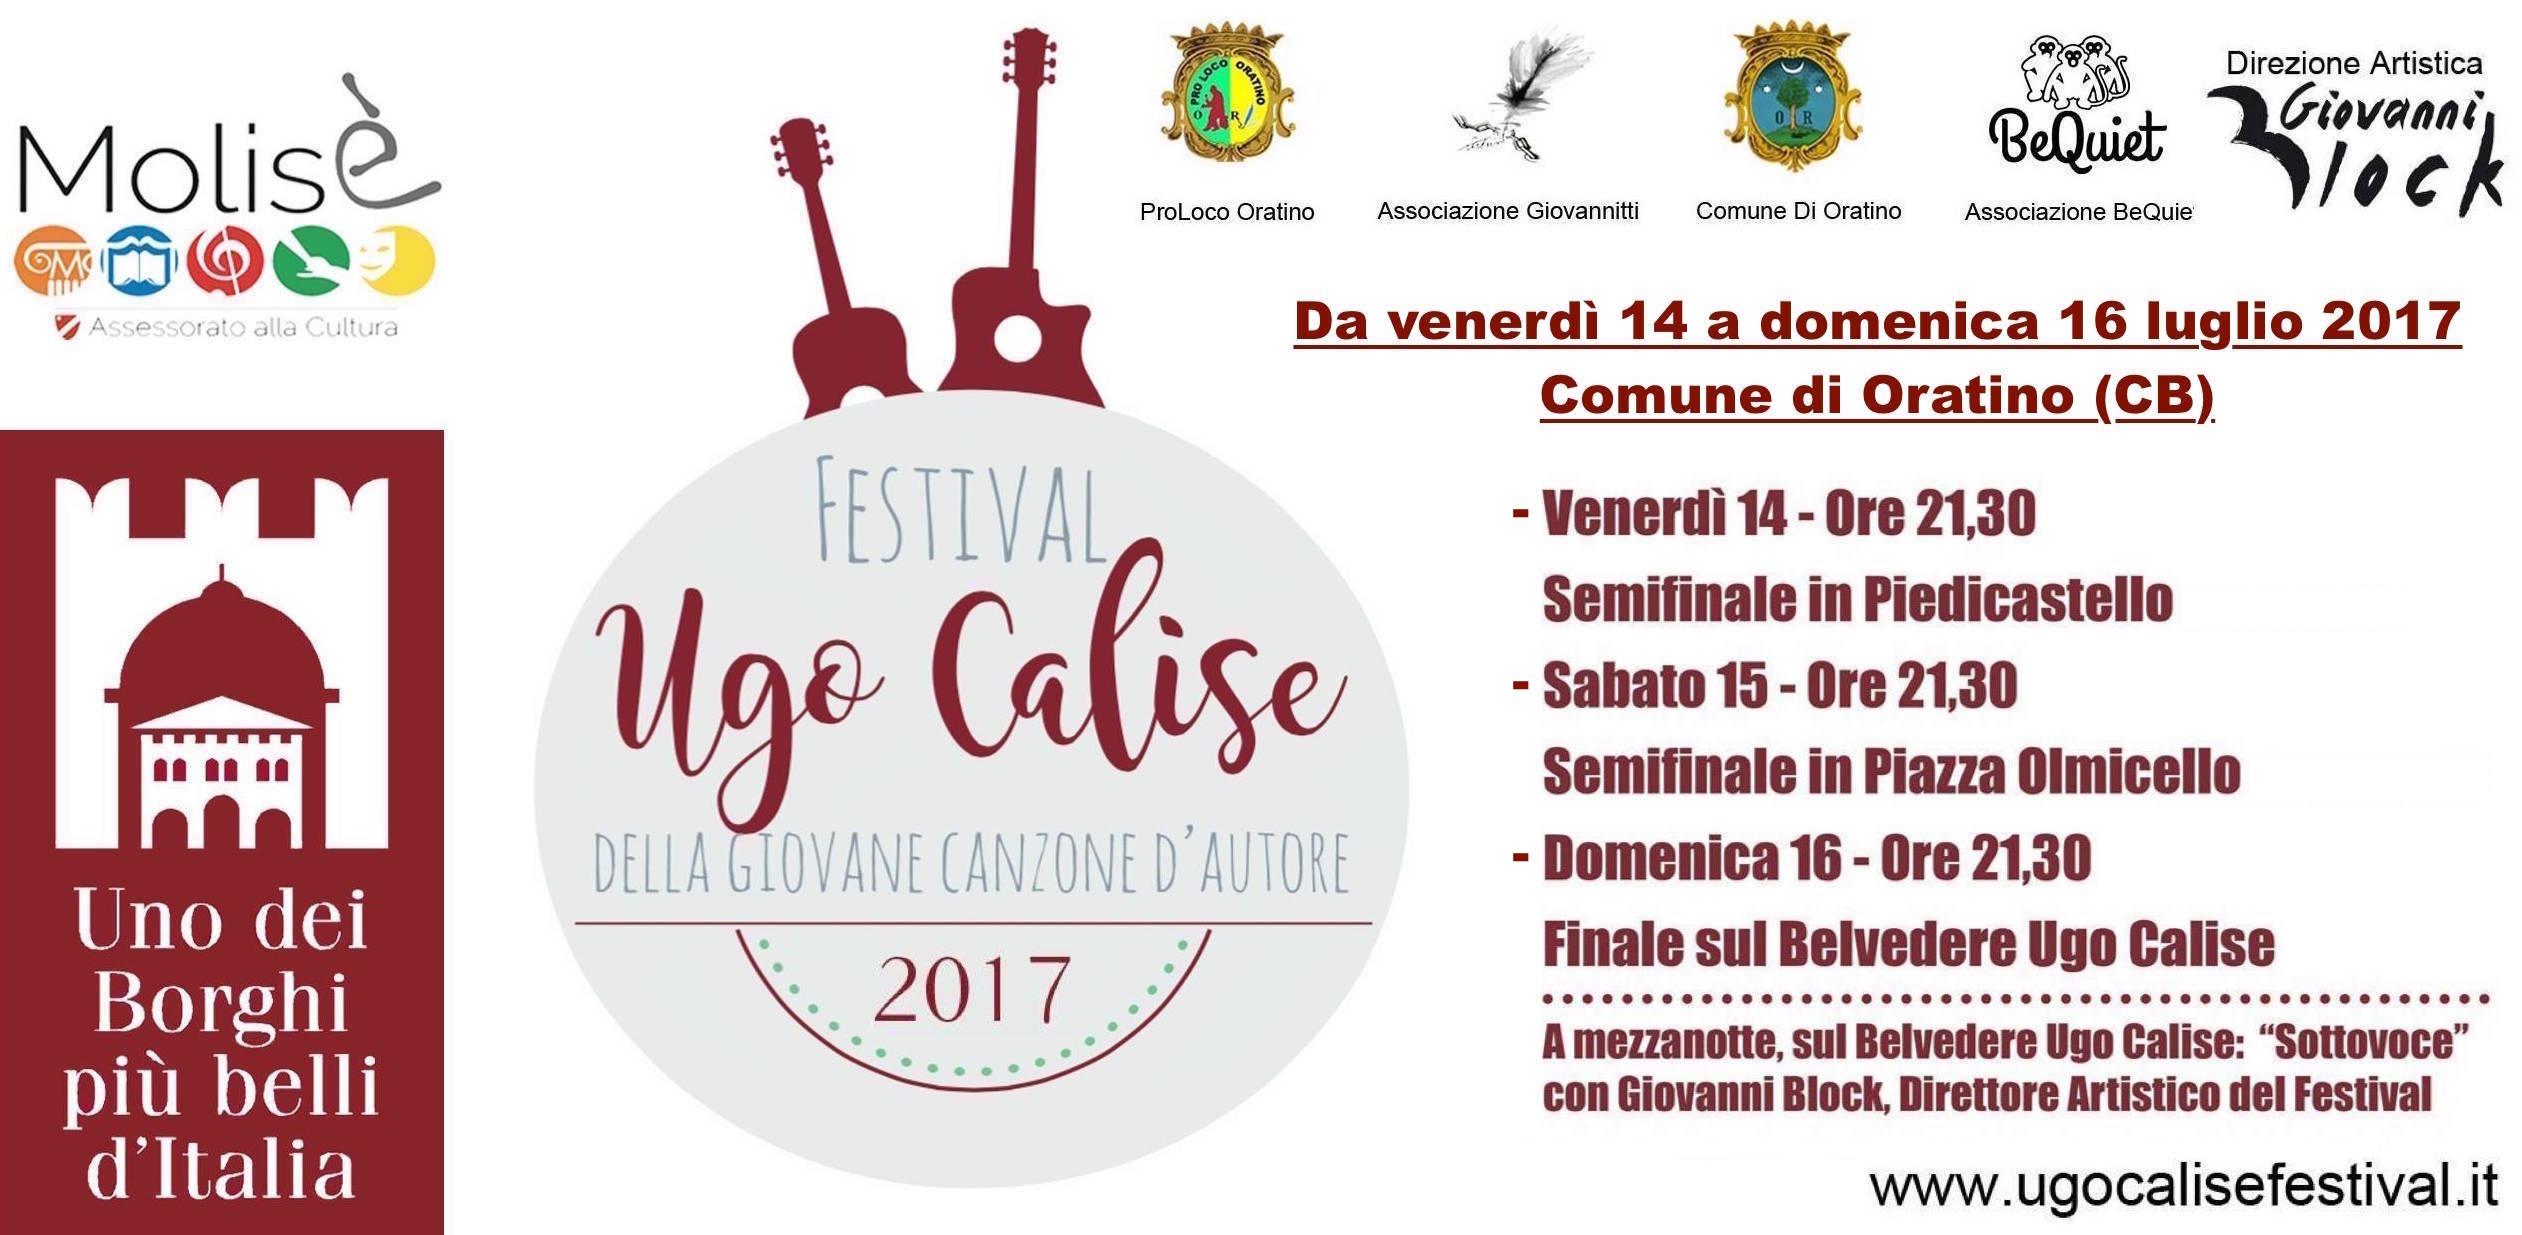 2017.07.13 Nellepoca dei contest la giovane musica cantautoriale si ritrova al Festival Ugo Calise